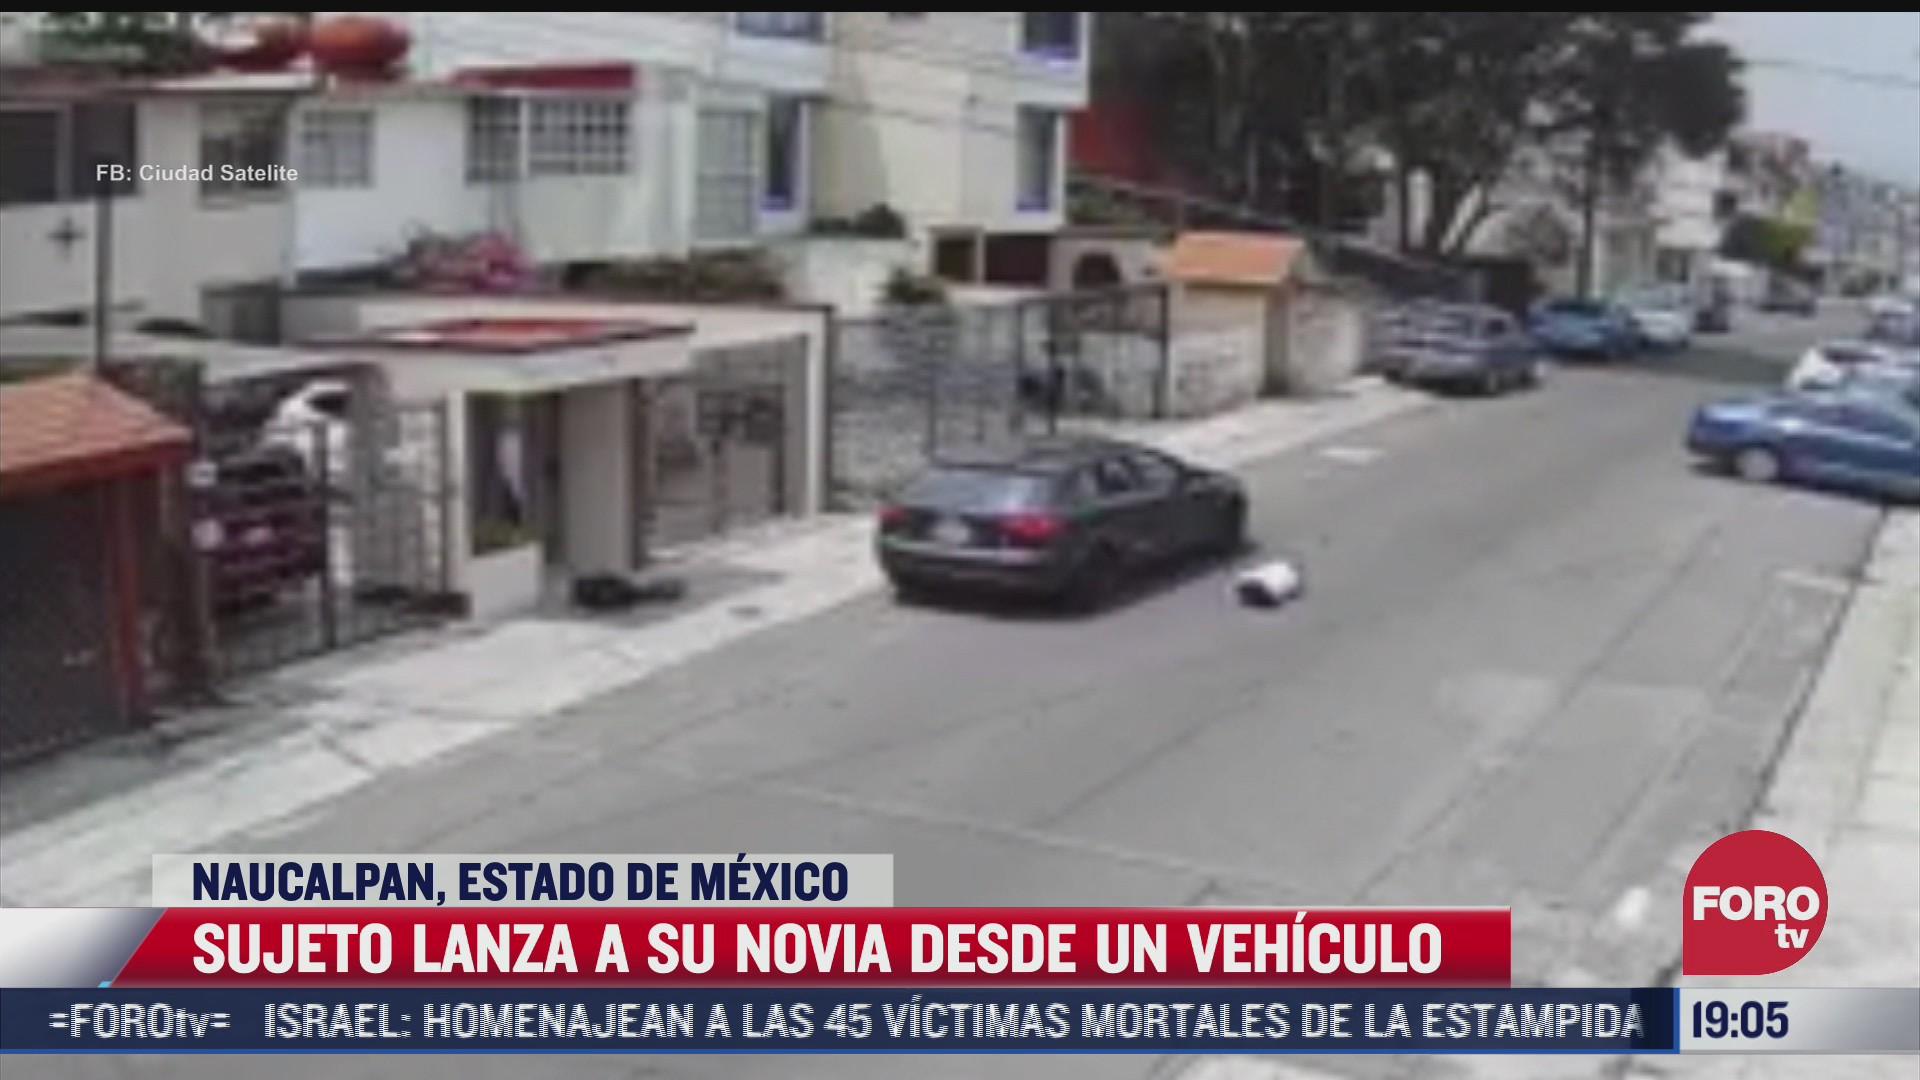 captan momento en que hombre lanza de su vehiculo a mujer